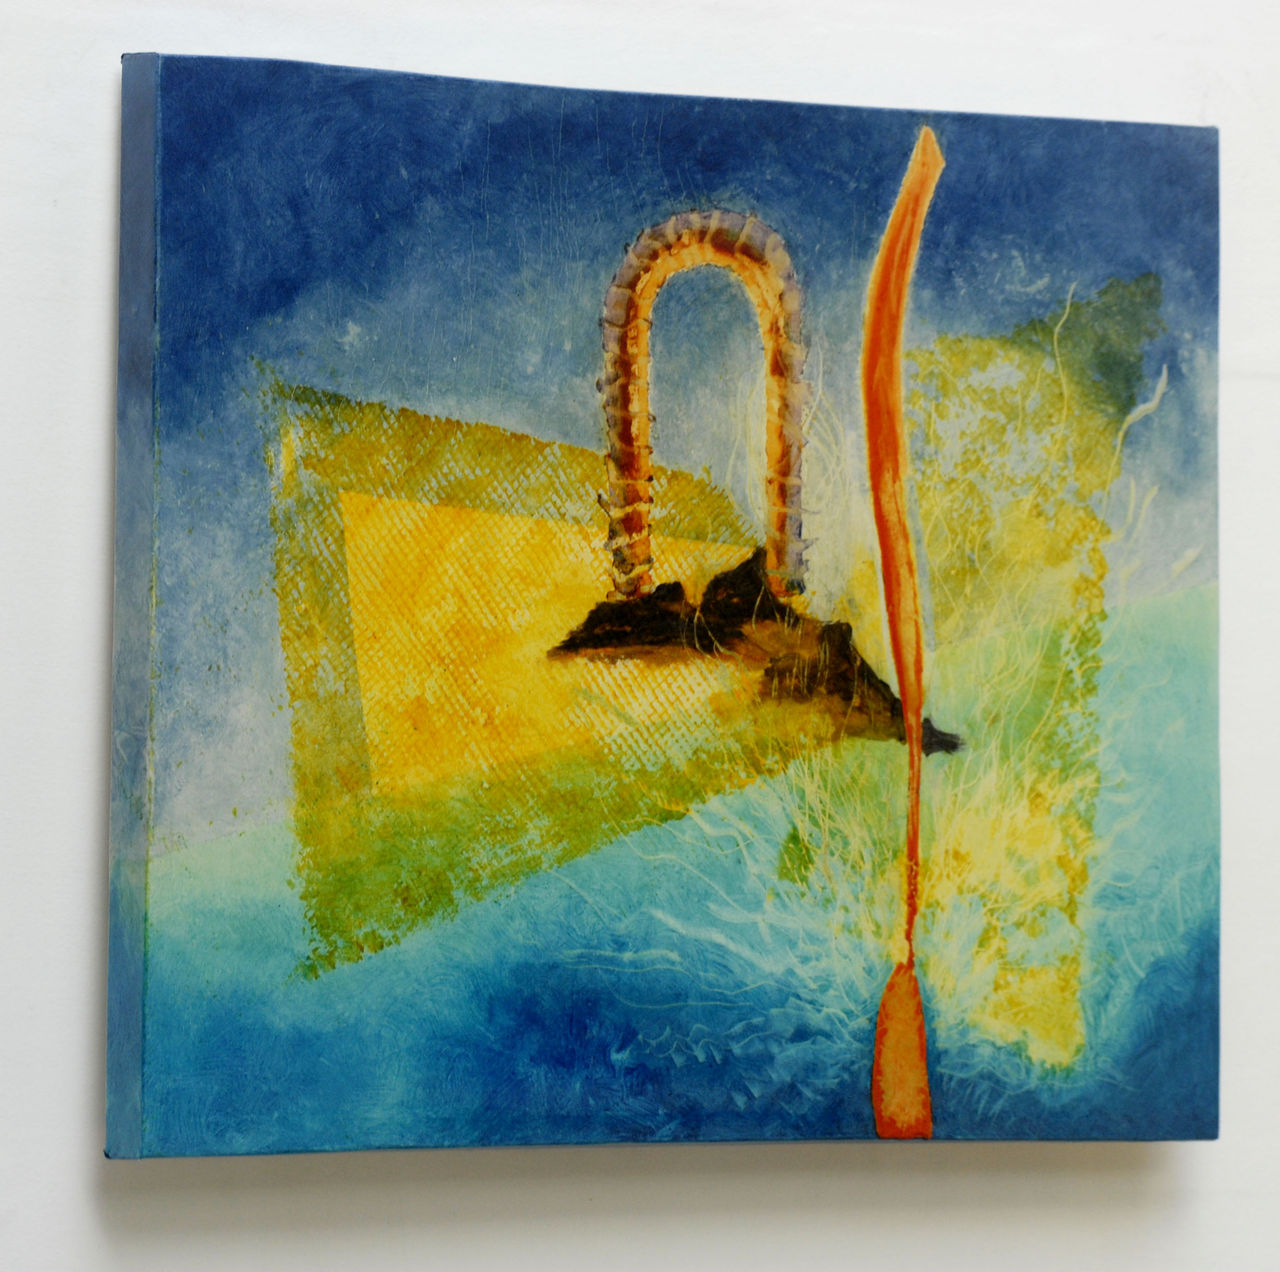 Bild Zeitgenössische kunst, Gegenständlich, Realismus